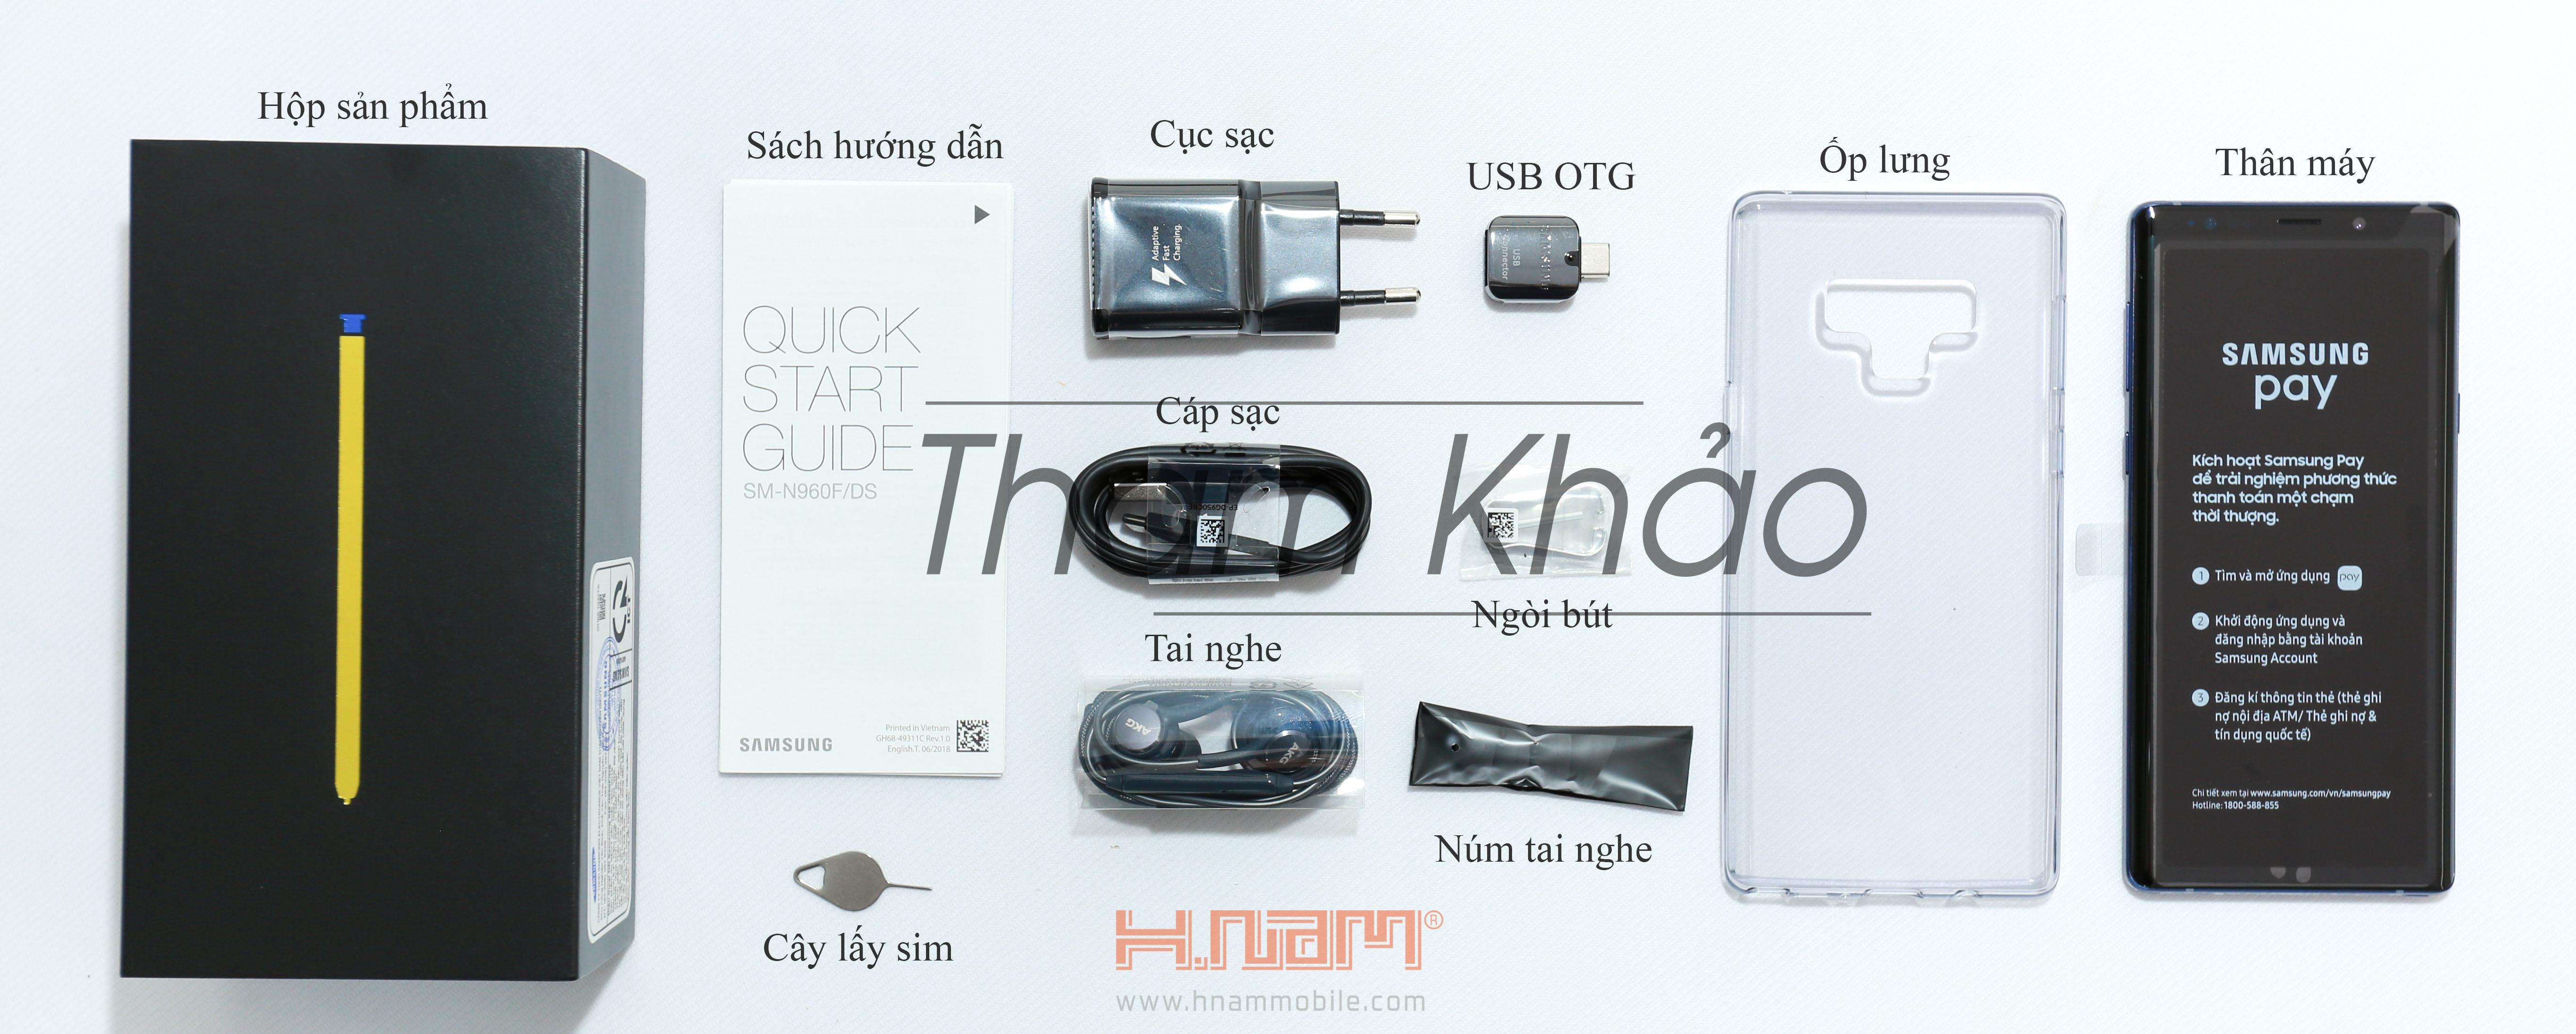 Samsung Galaxy Note 9 N960 128Gb Ram 6Gb hình sản phẩm 1